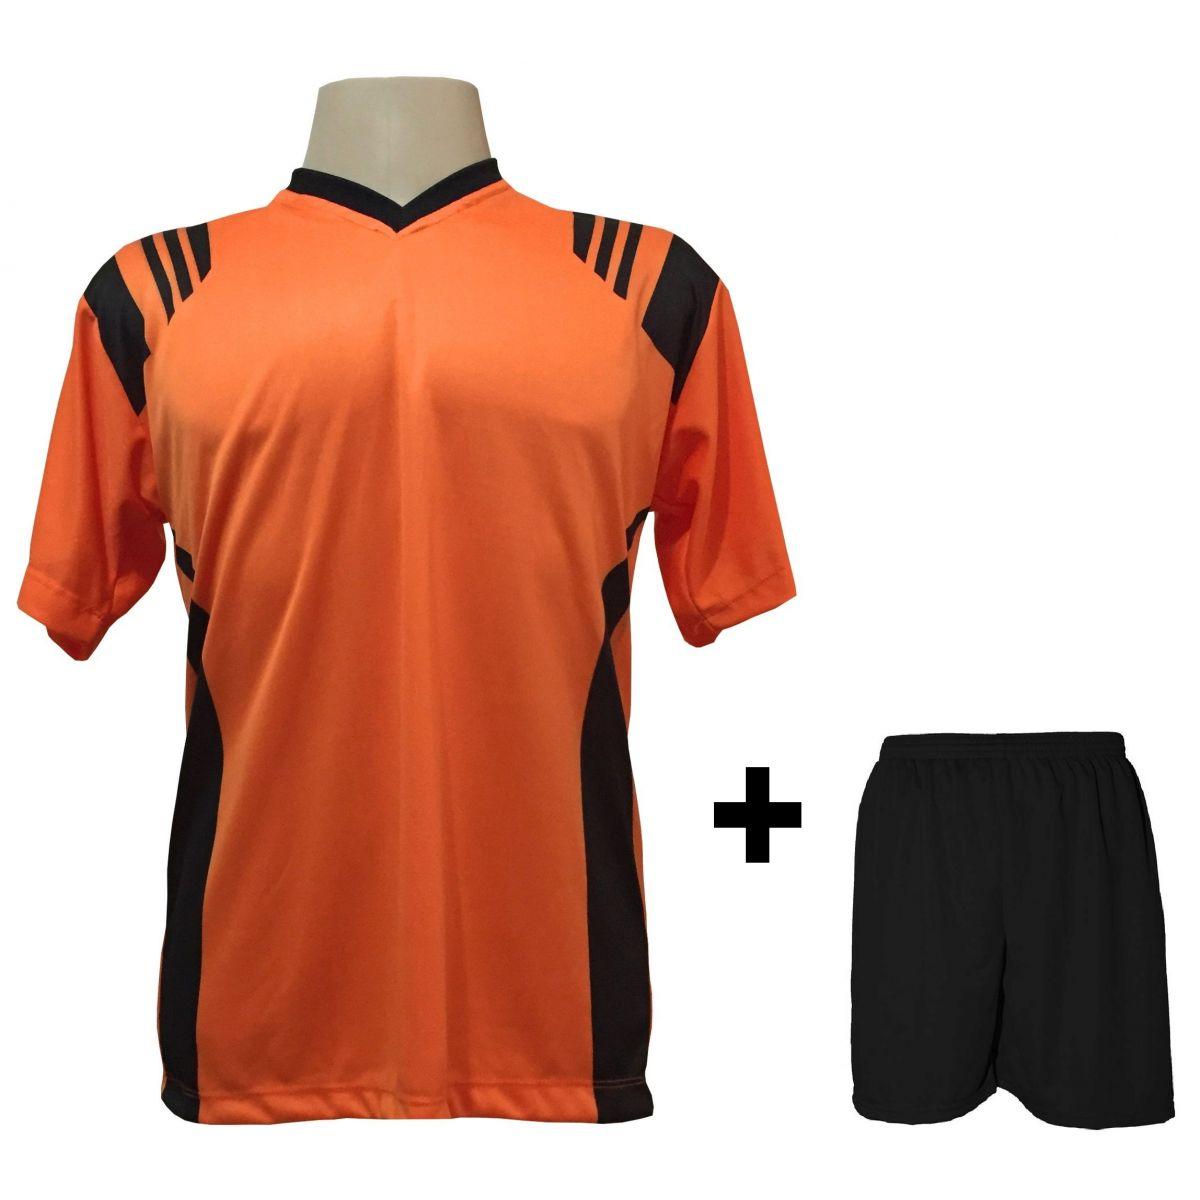 Uniforme Esportivo com 20 Camisas modelo Roma Laranja Preto + 20 Calções  modelo Madrid Preto ... 8af2453bb22